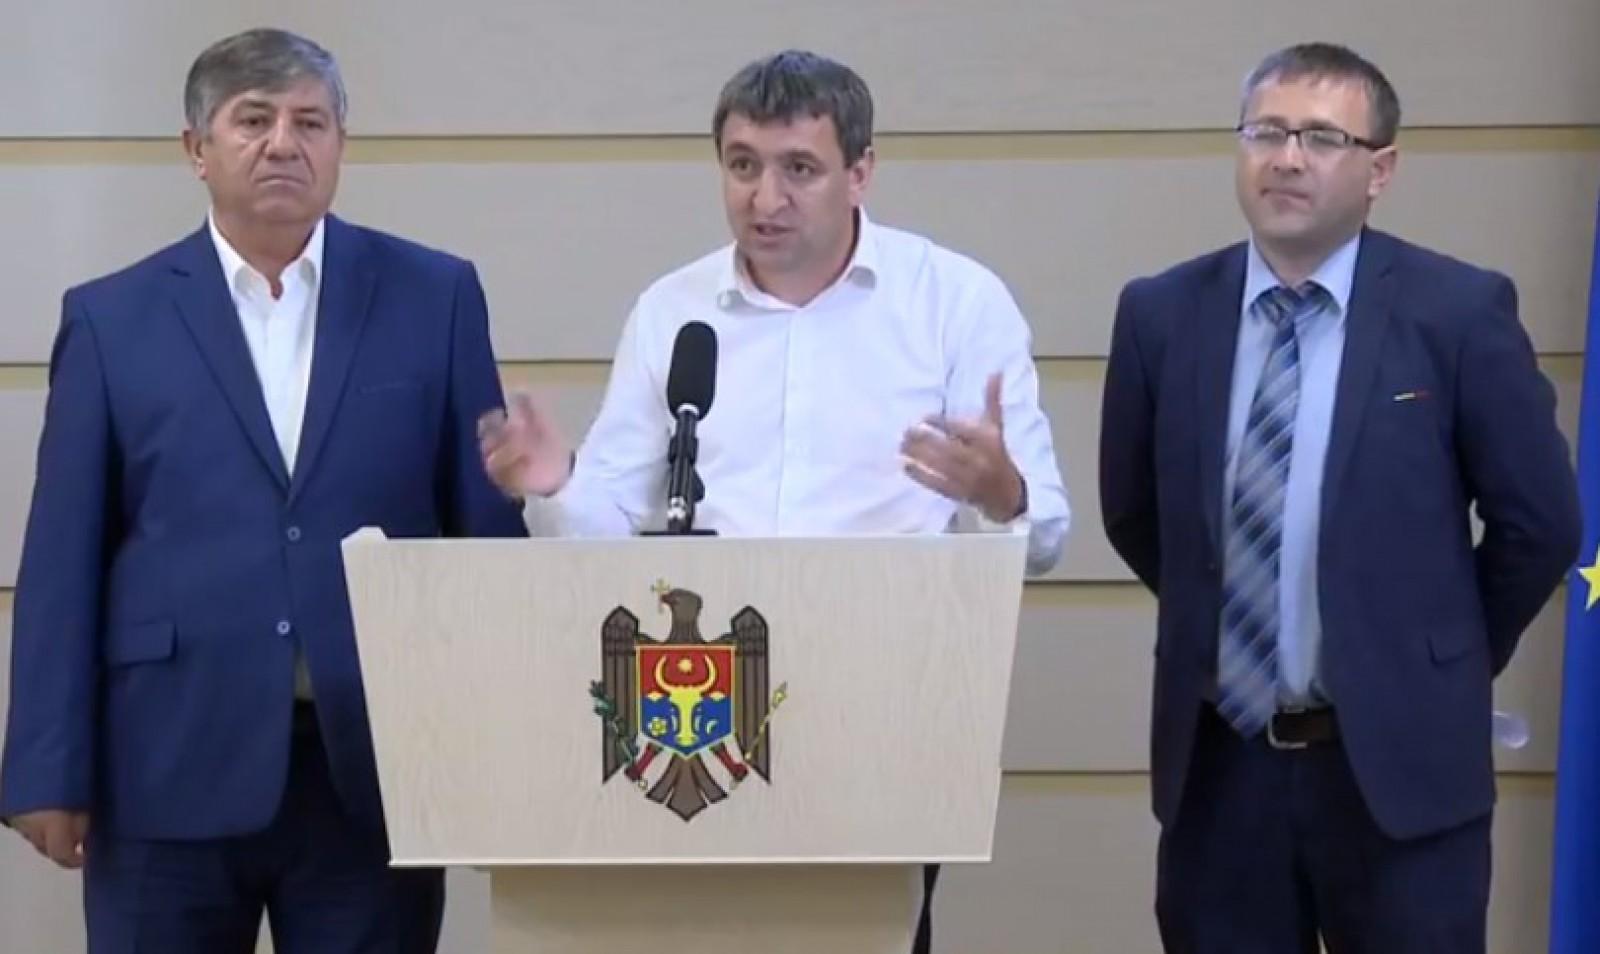 """(video) Deputații PL, împotriva modificării legislației, după invalidarea alegerilor din Chișinău: """"De vină nu e legislația, sunt cei care au furat votul"""""""